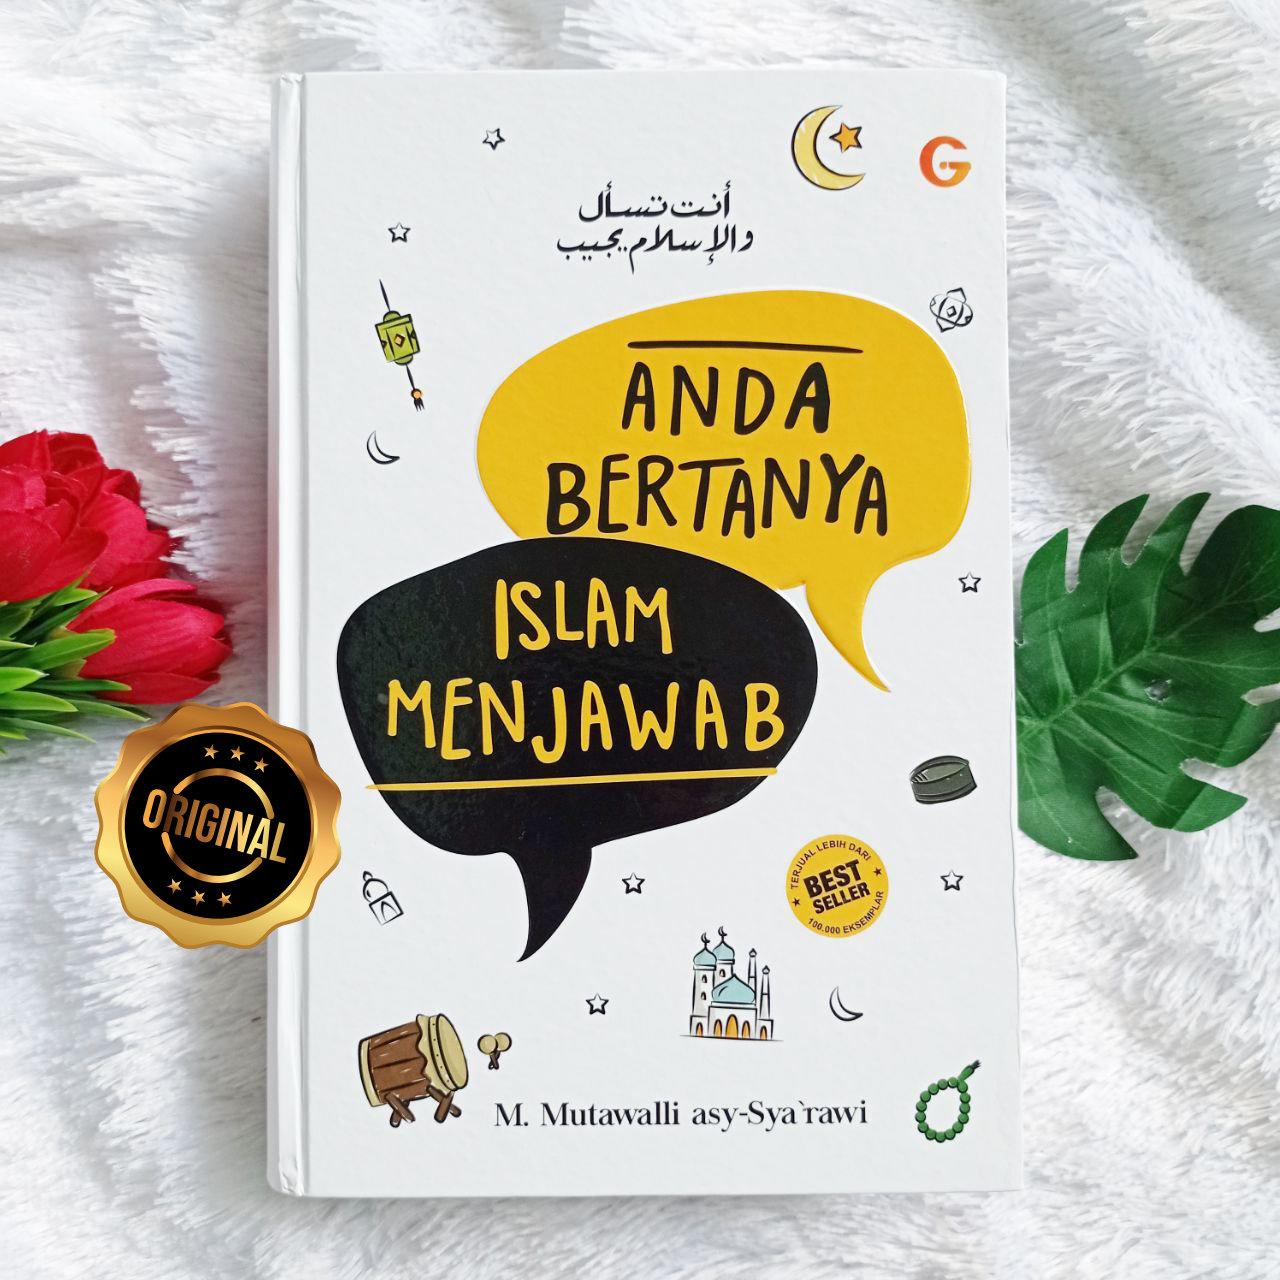 Buku Anda Bertanya Islam Menjawab